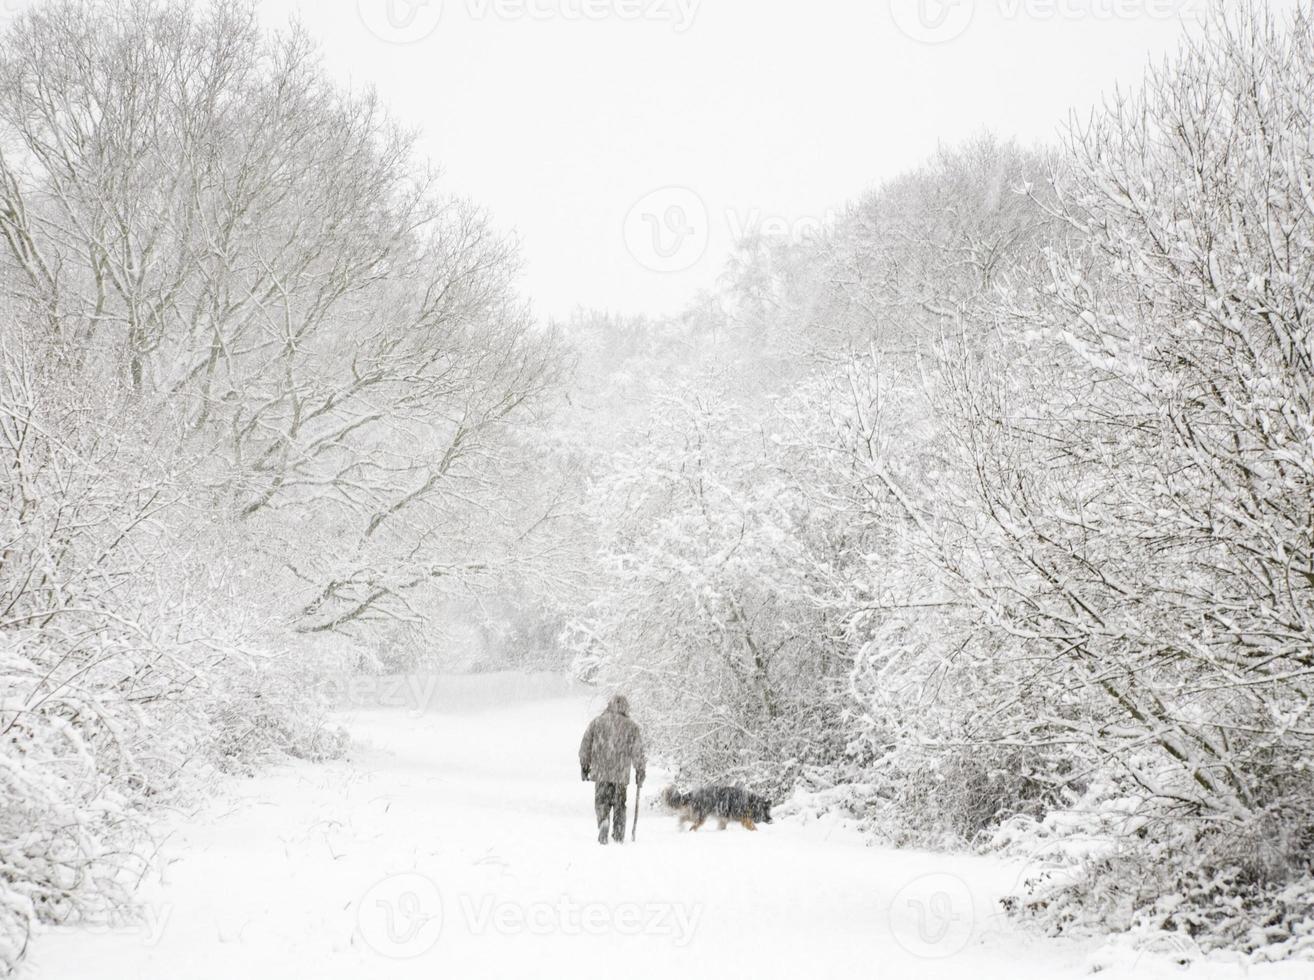 Mensch und Hund im Schnee foto